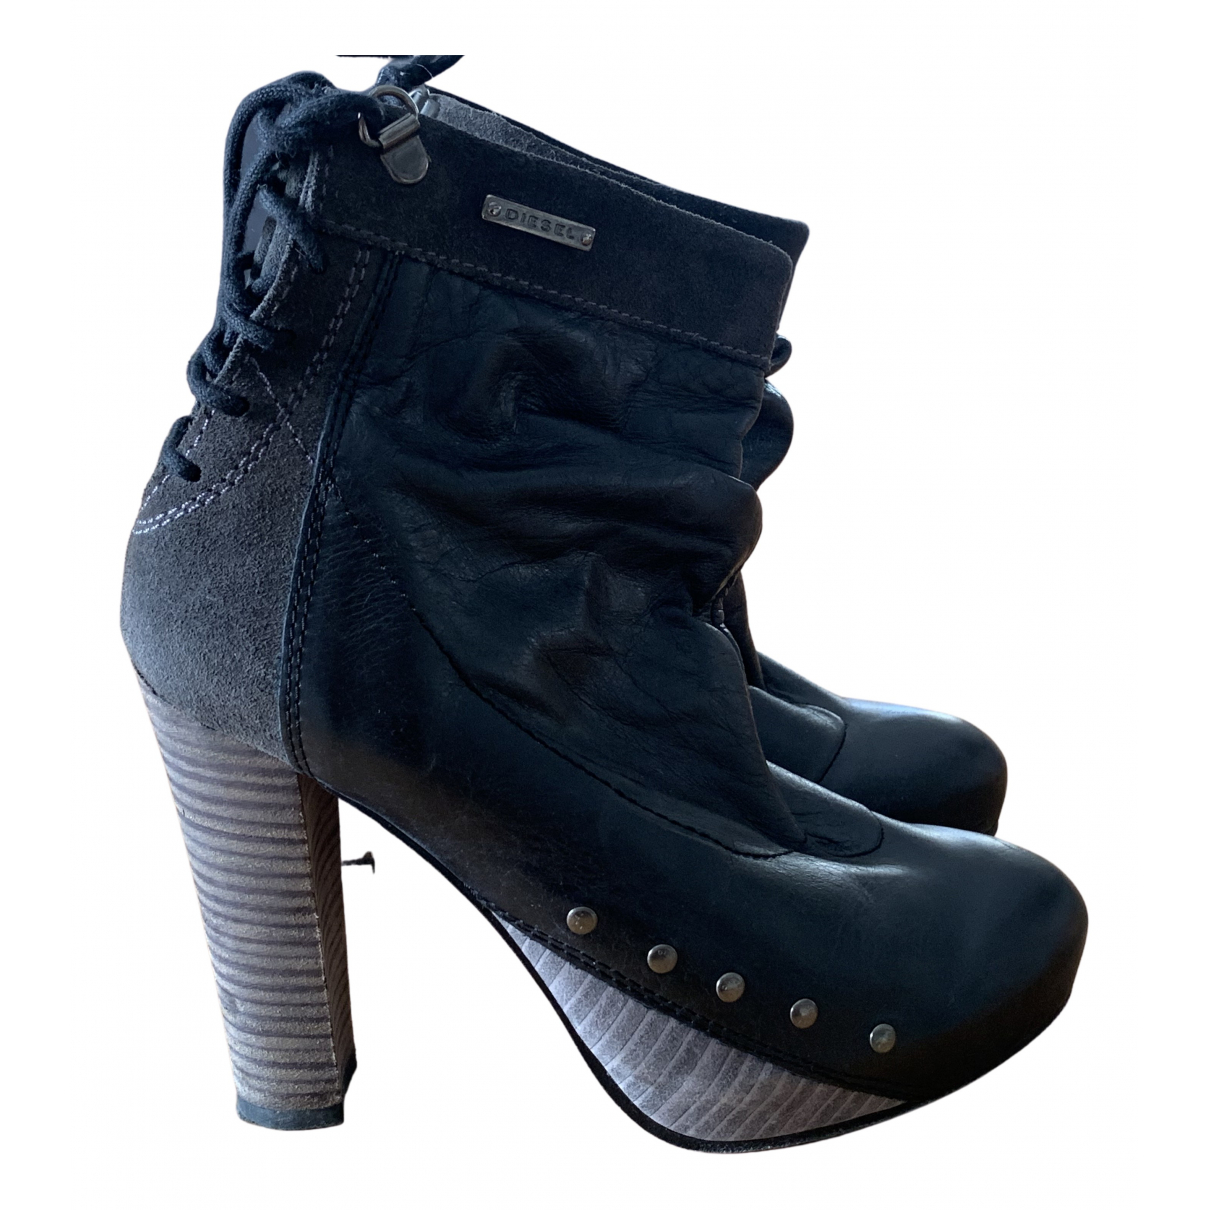 Diesel - Boots   pour femme en cuir - noir